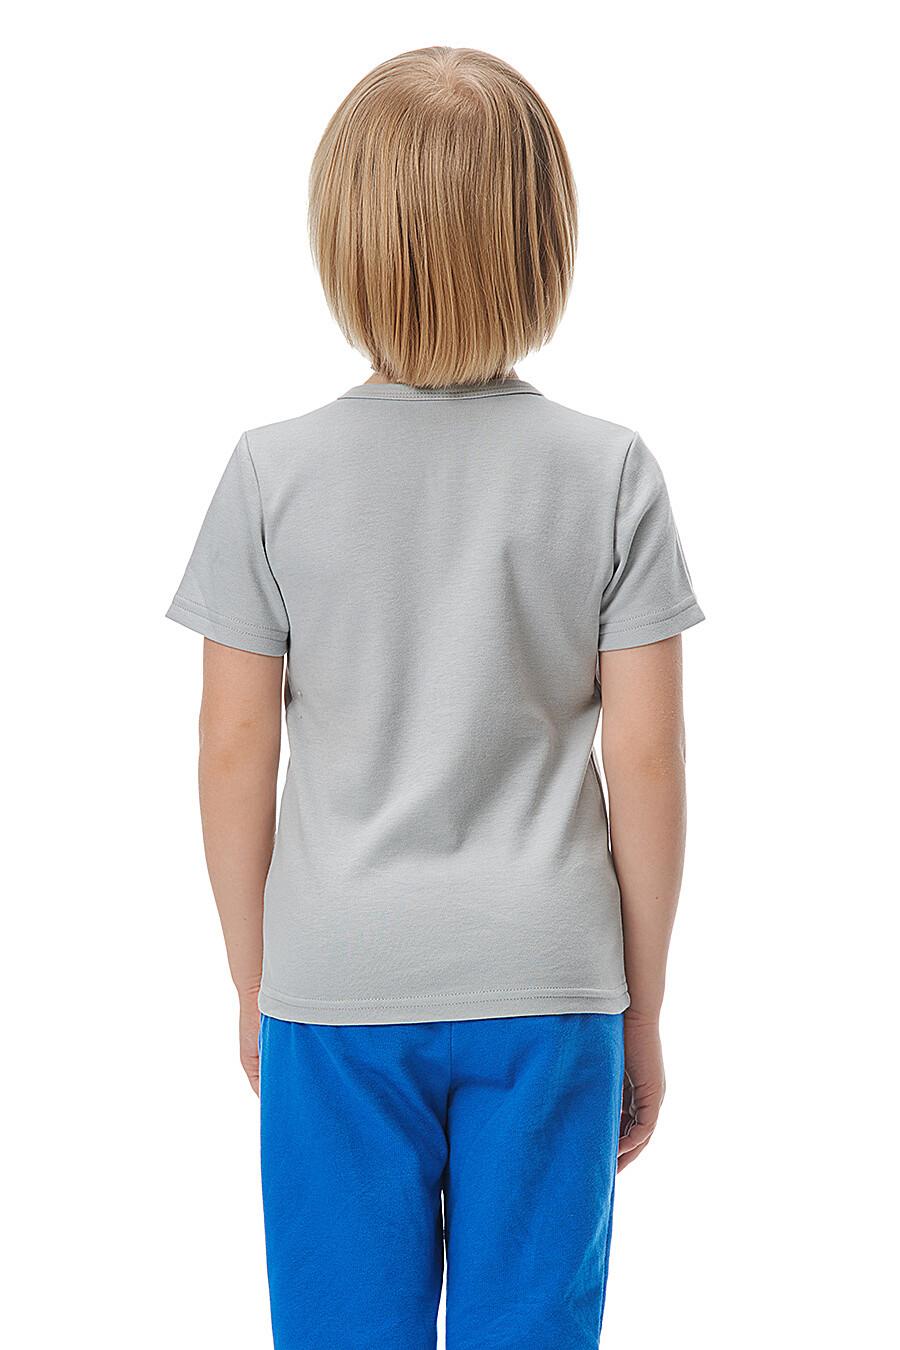 Футболка для мальчиков LUCKY CHILD 184634 купить оптом от производителя. Совместная покупка детской одежды в OptMoyo